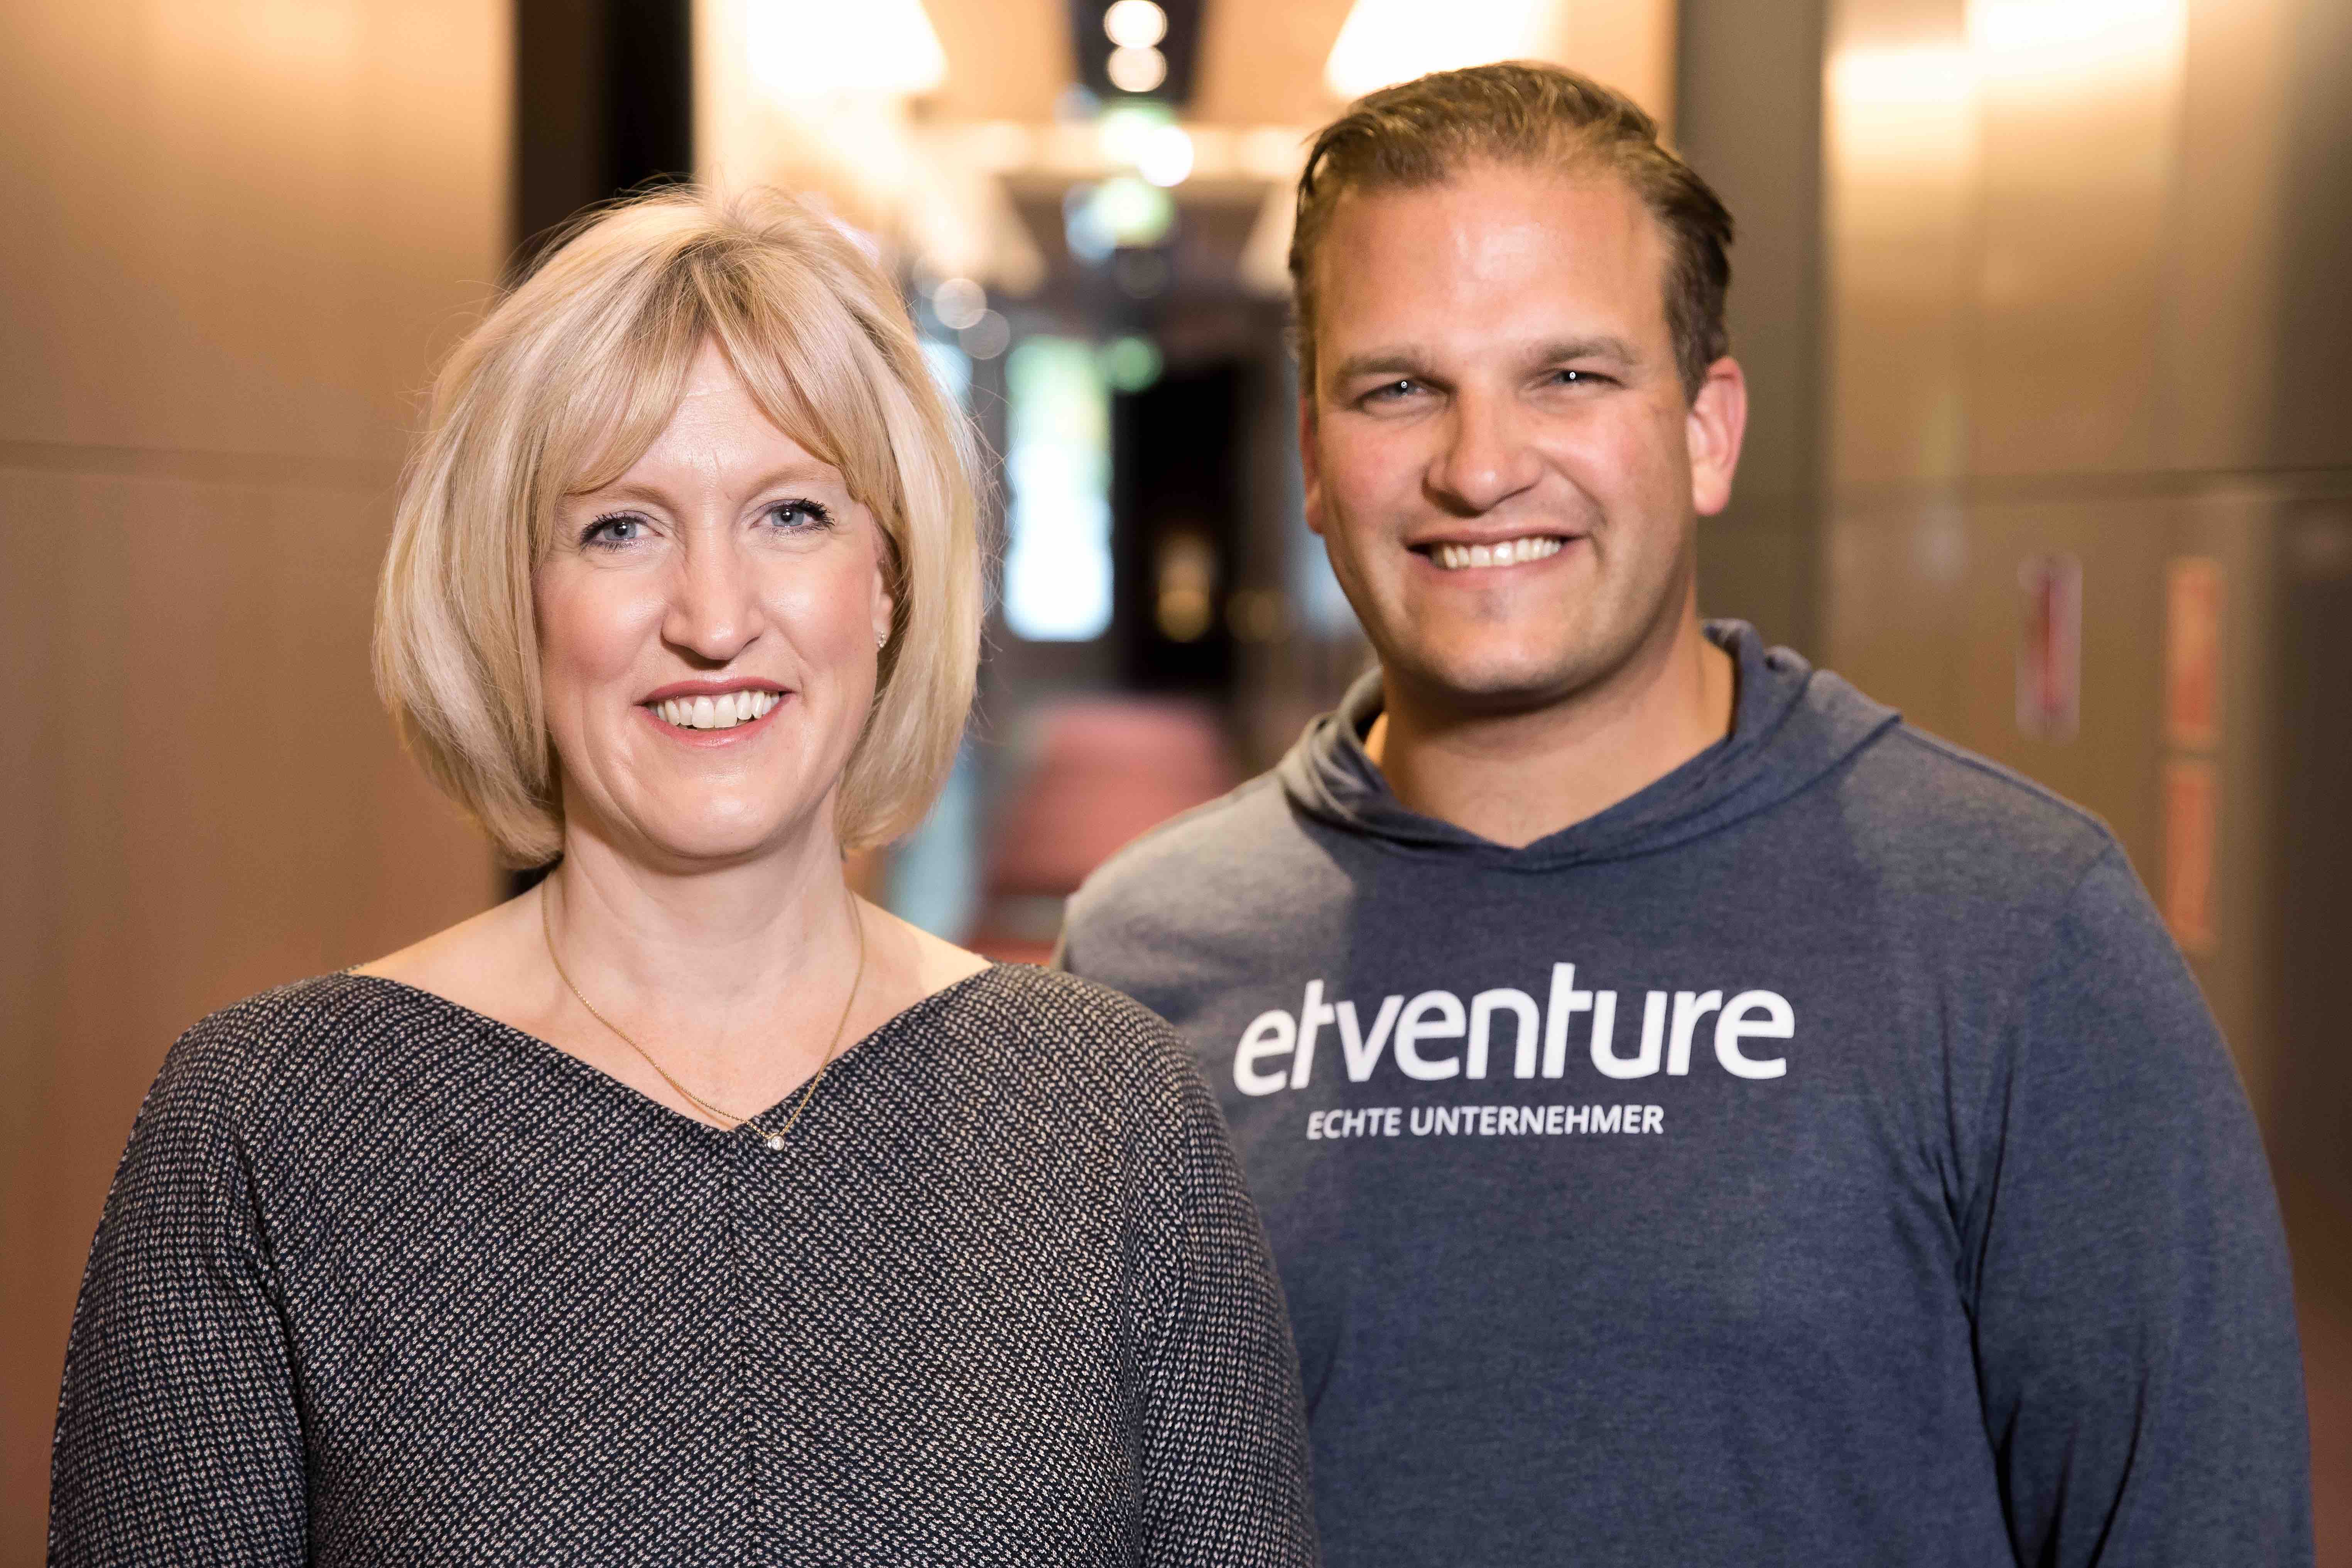 Julie Teigland, EY, and Phillipp Depiereux, etventure